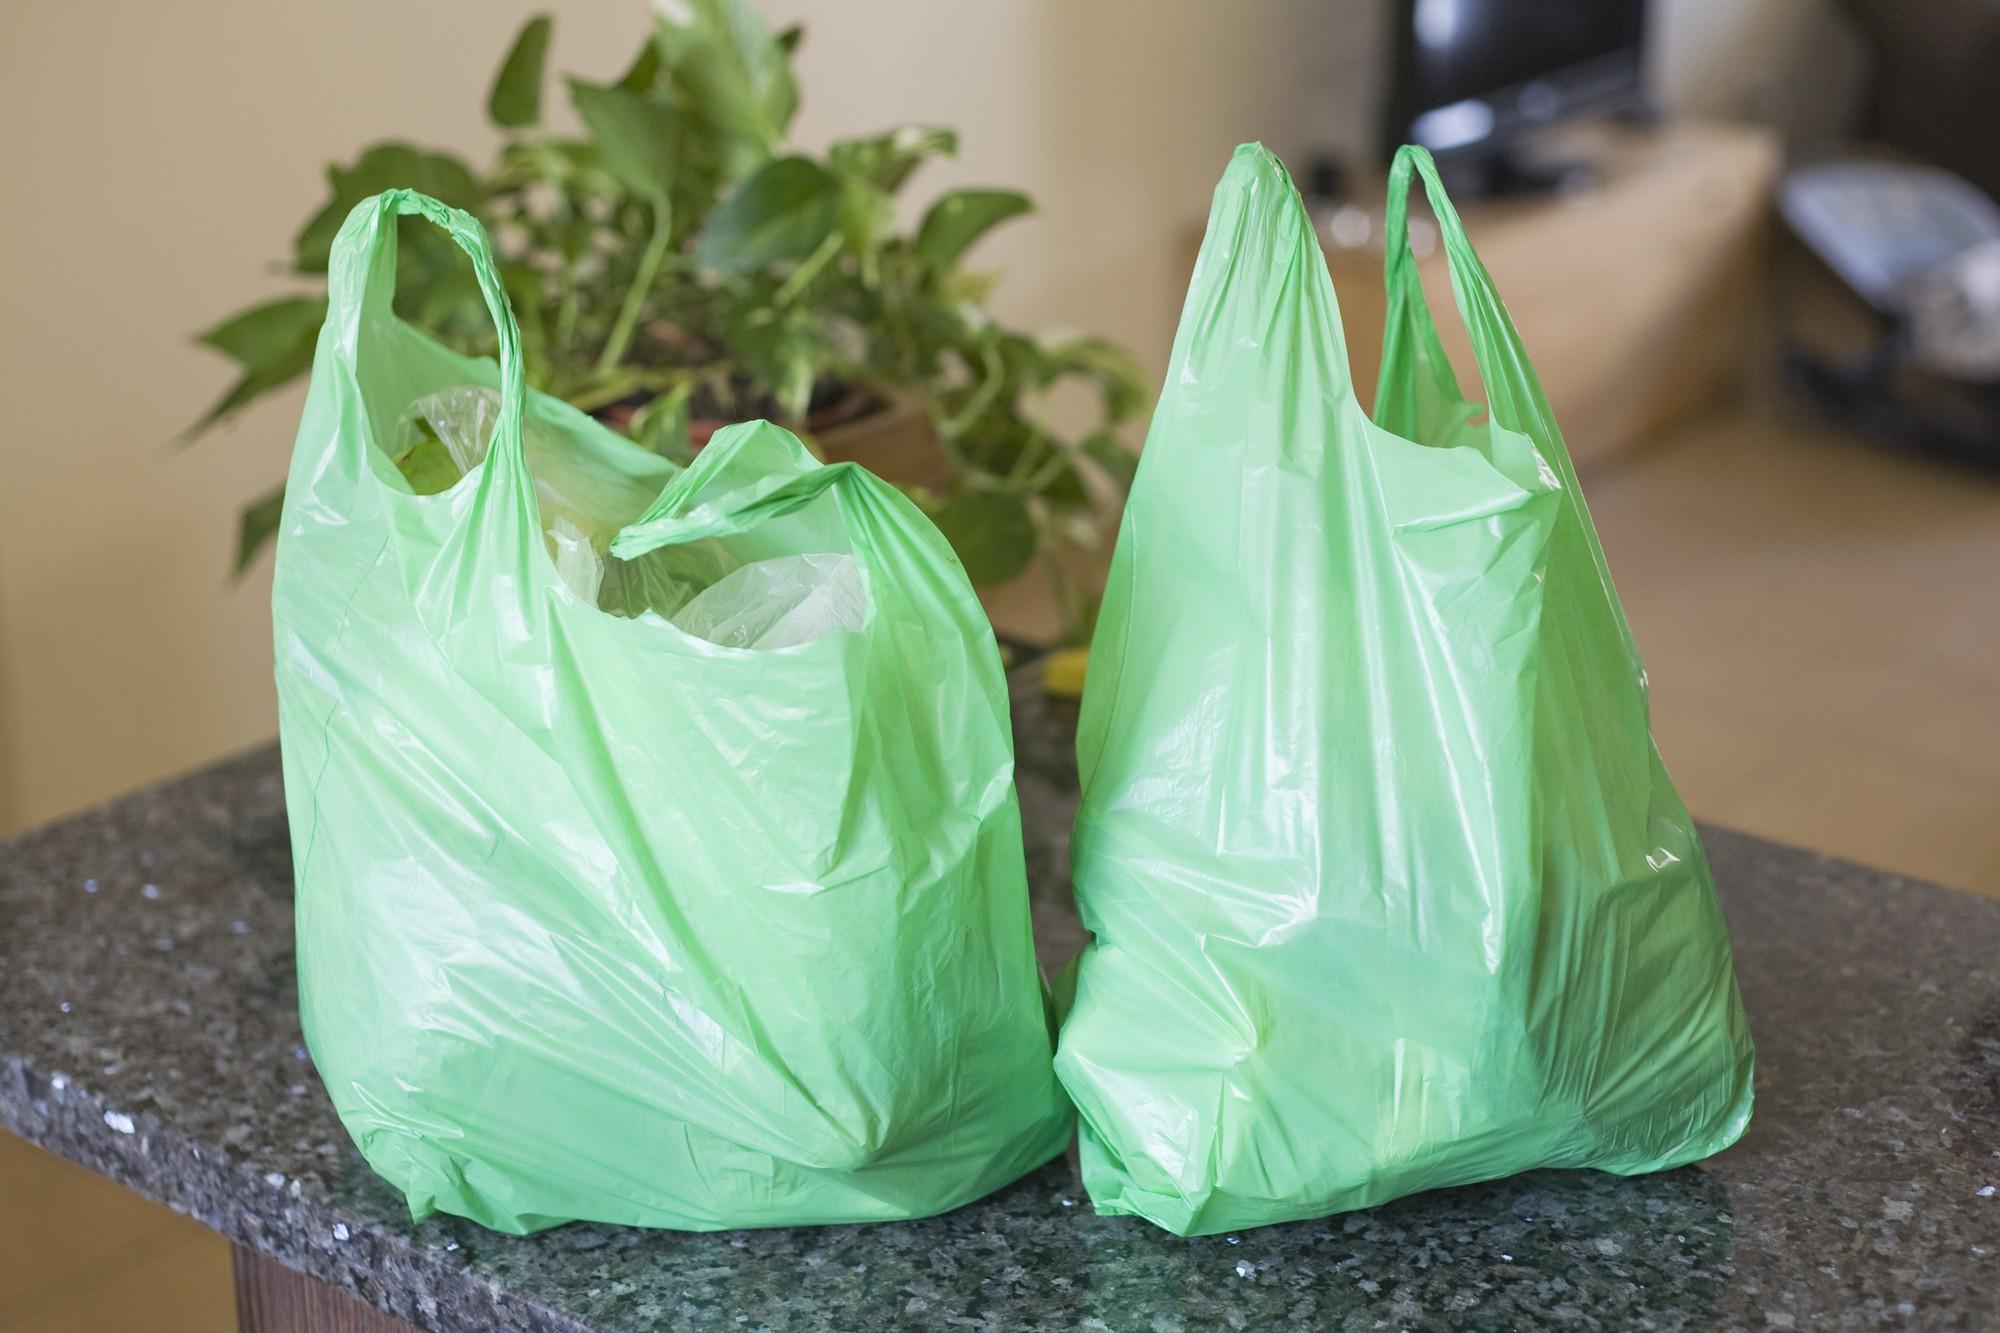 Nghiên cứu thế giới cho biết: túi nhựa, cốc nhựa chất lượng kém chứa 2 loại chất độc hại gây hàng tá bệnh cho con người - Ảnh 1.